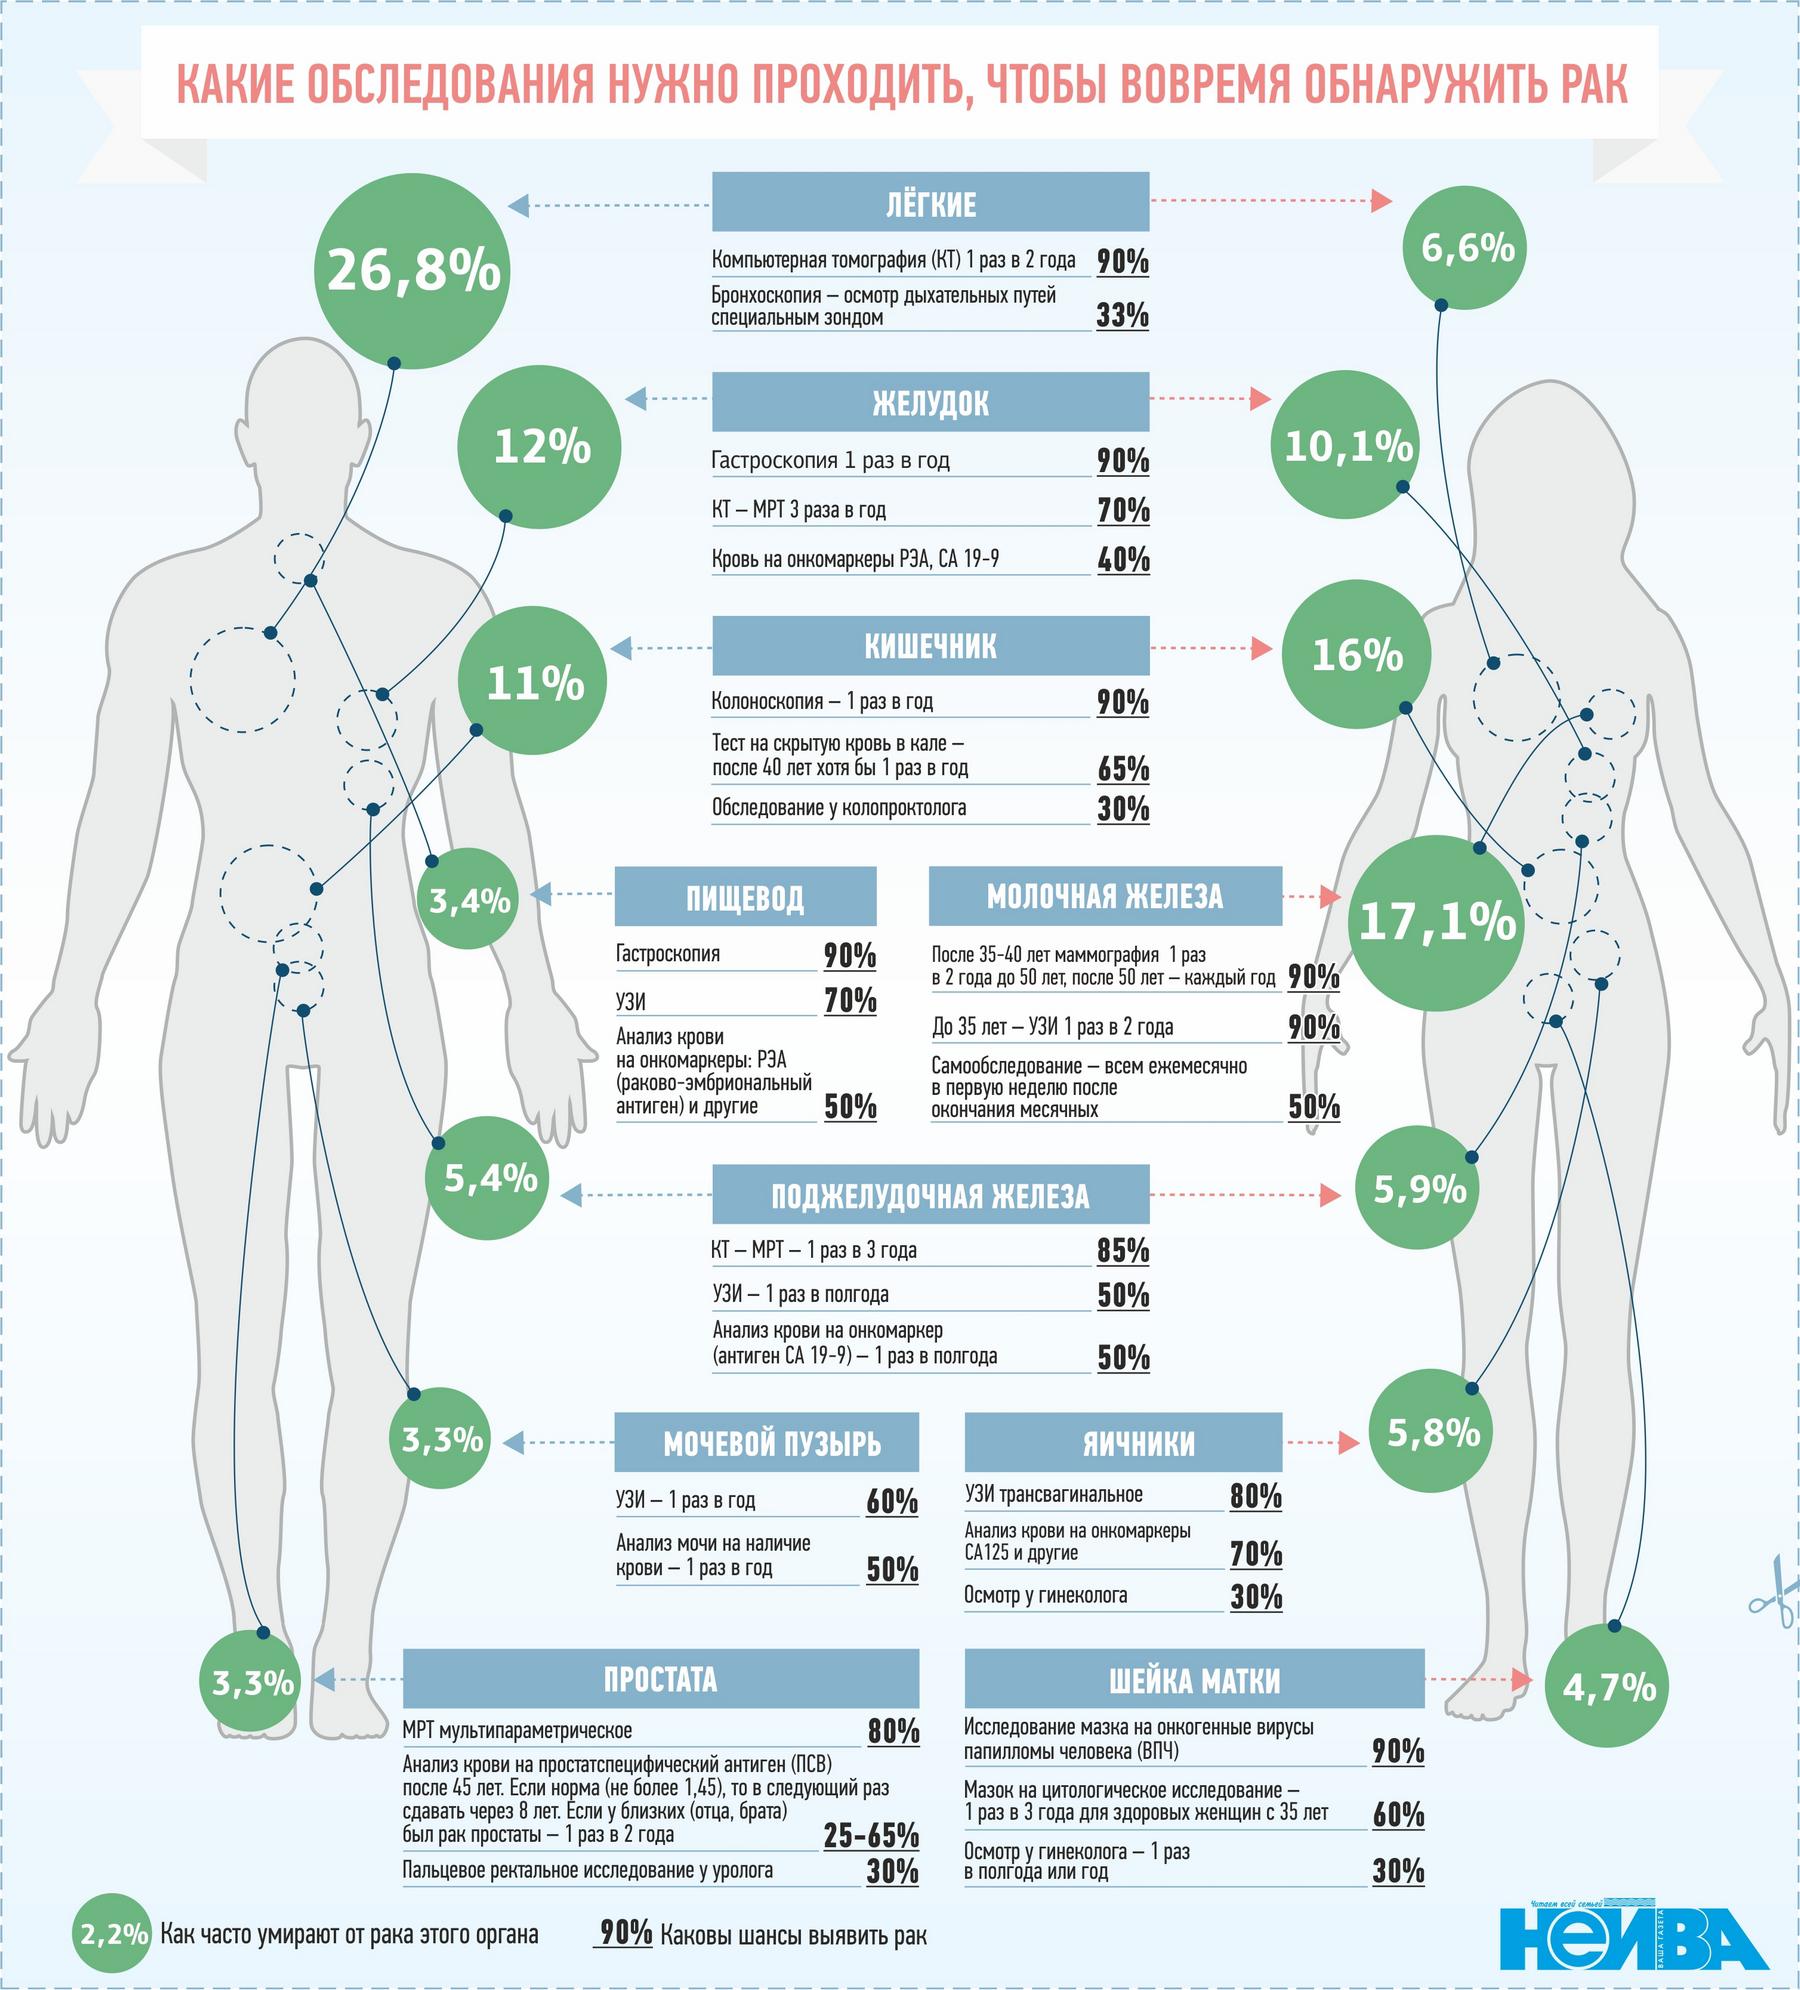 Рак у женщин крови на анализ анализ обозначения биохимический крови